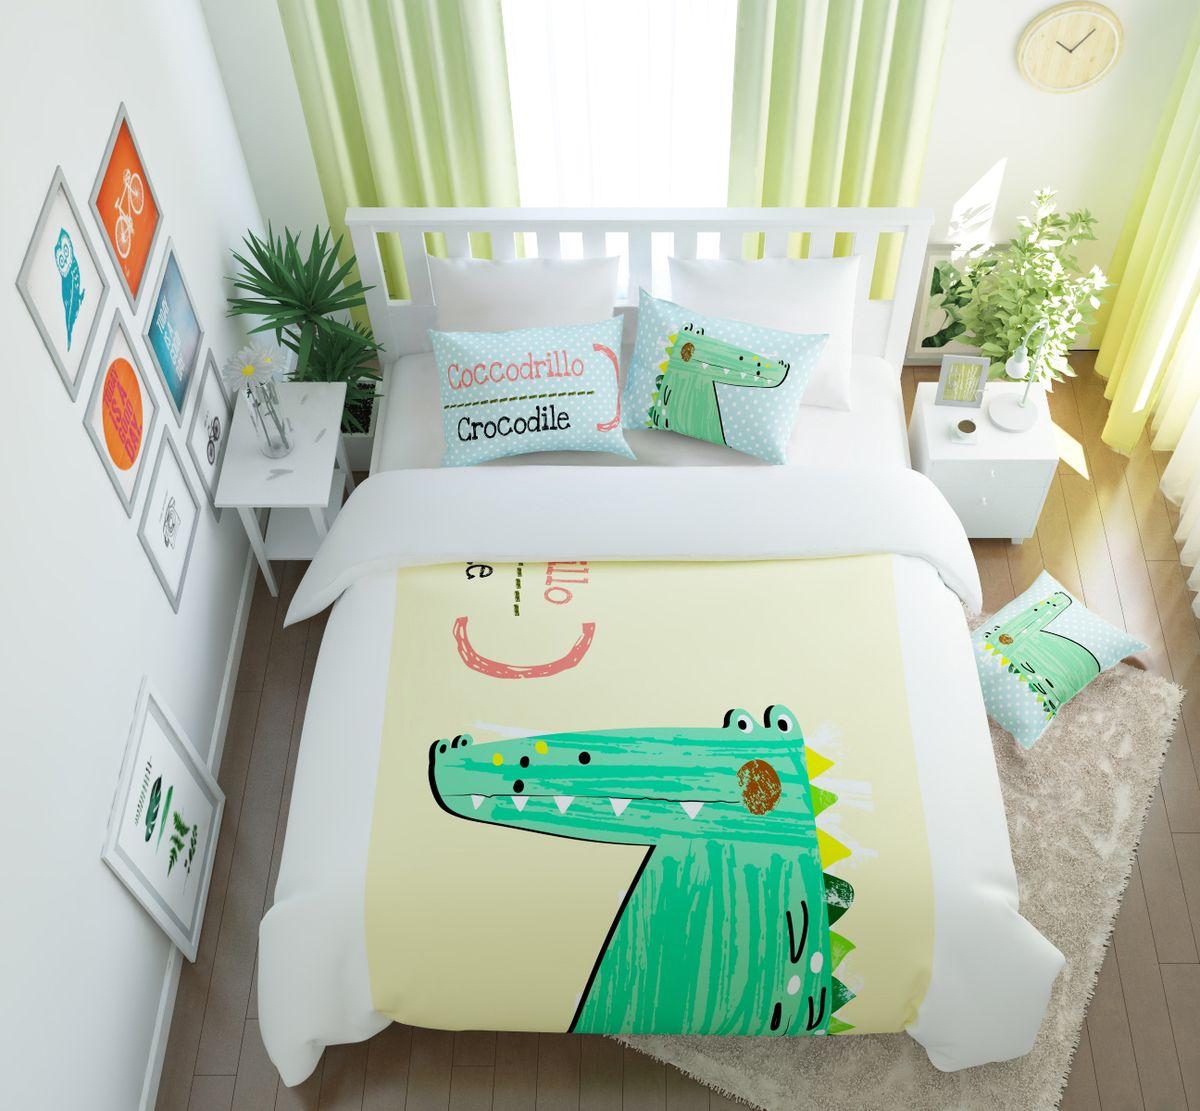 Комплект белья Сирень Счастливый крокодил, 1,5-спальный, наволочки 50x704630003364517Комплект постельного белья Сирень состоит из простыни, пододеяльника и 2 наволочек. Комплект выполнен из современных гипоаллергенных материалов. Приятный при прикосновении сатин - гарантия здорового, спокойного сна. Ткань хорошо впитывает влагу, надолго сохраняет яркость красок. Четкий, изящный рисунок в сочетании с насыщенными красками делает комплект постельного белья неповторимой изюминкой любого интерьера. Постельное белье идеально подойдет для подарка.